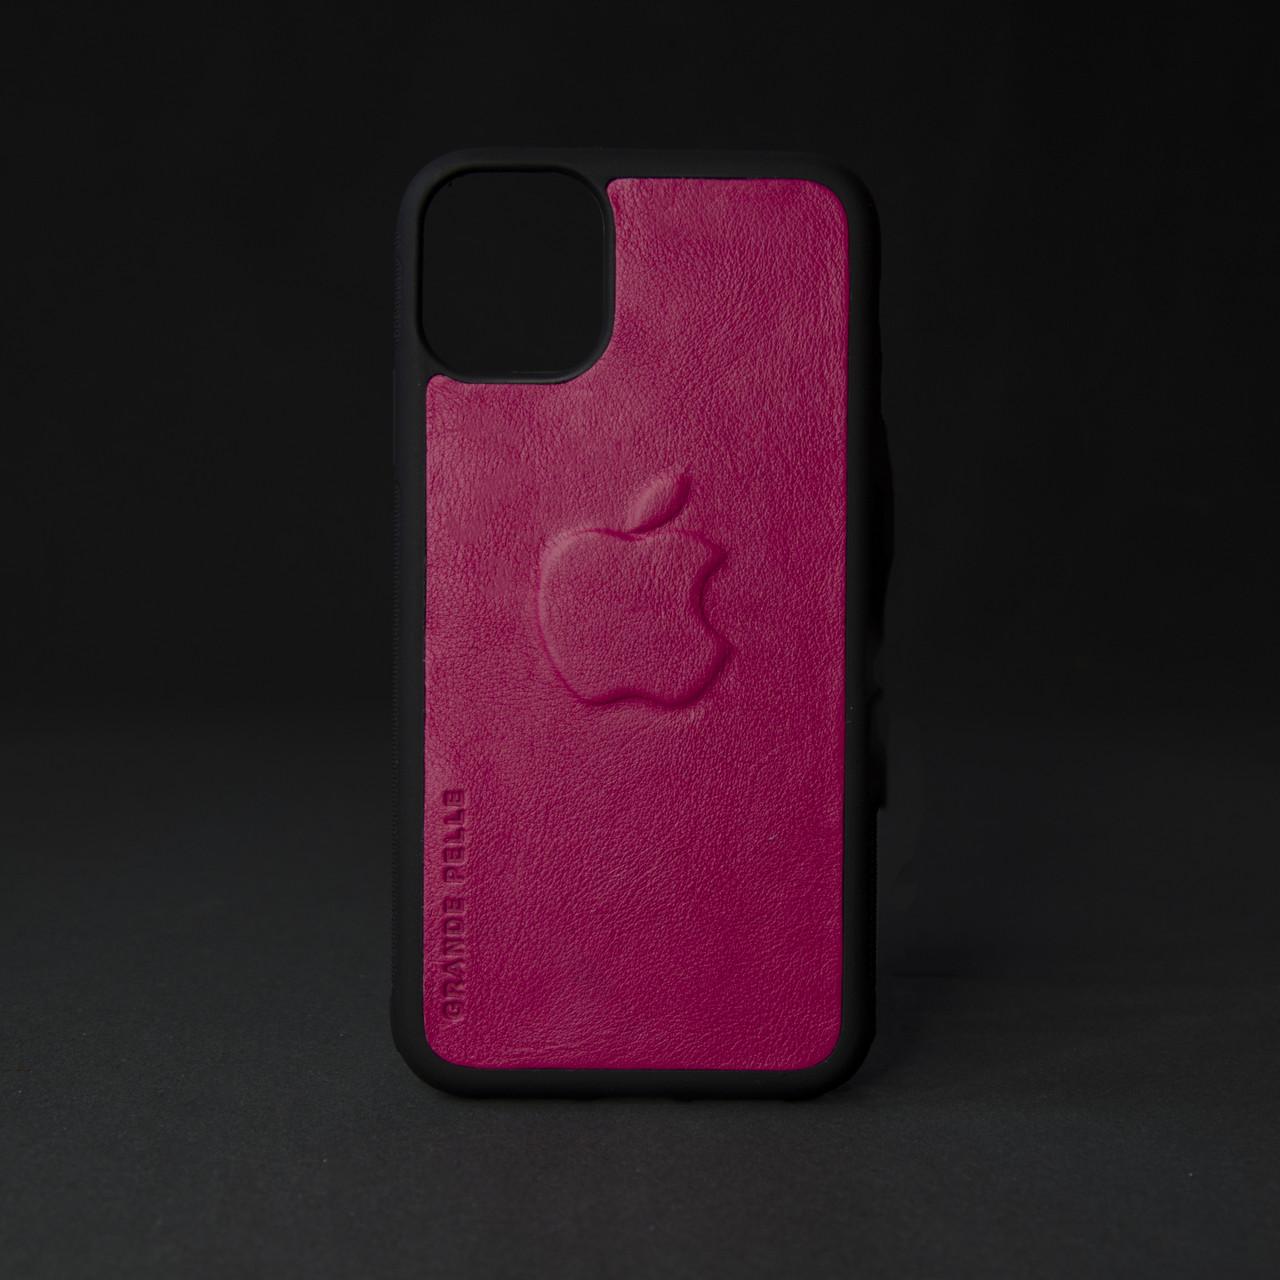 Кейс для IPhone, фуксія, з металевою вставкою для автотримача